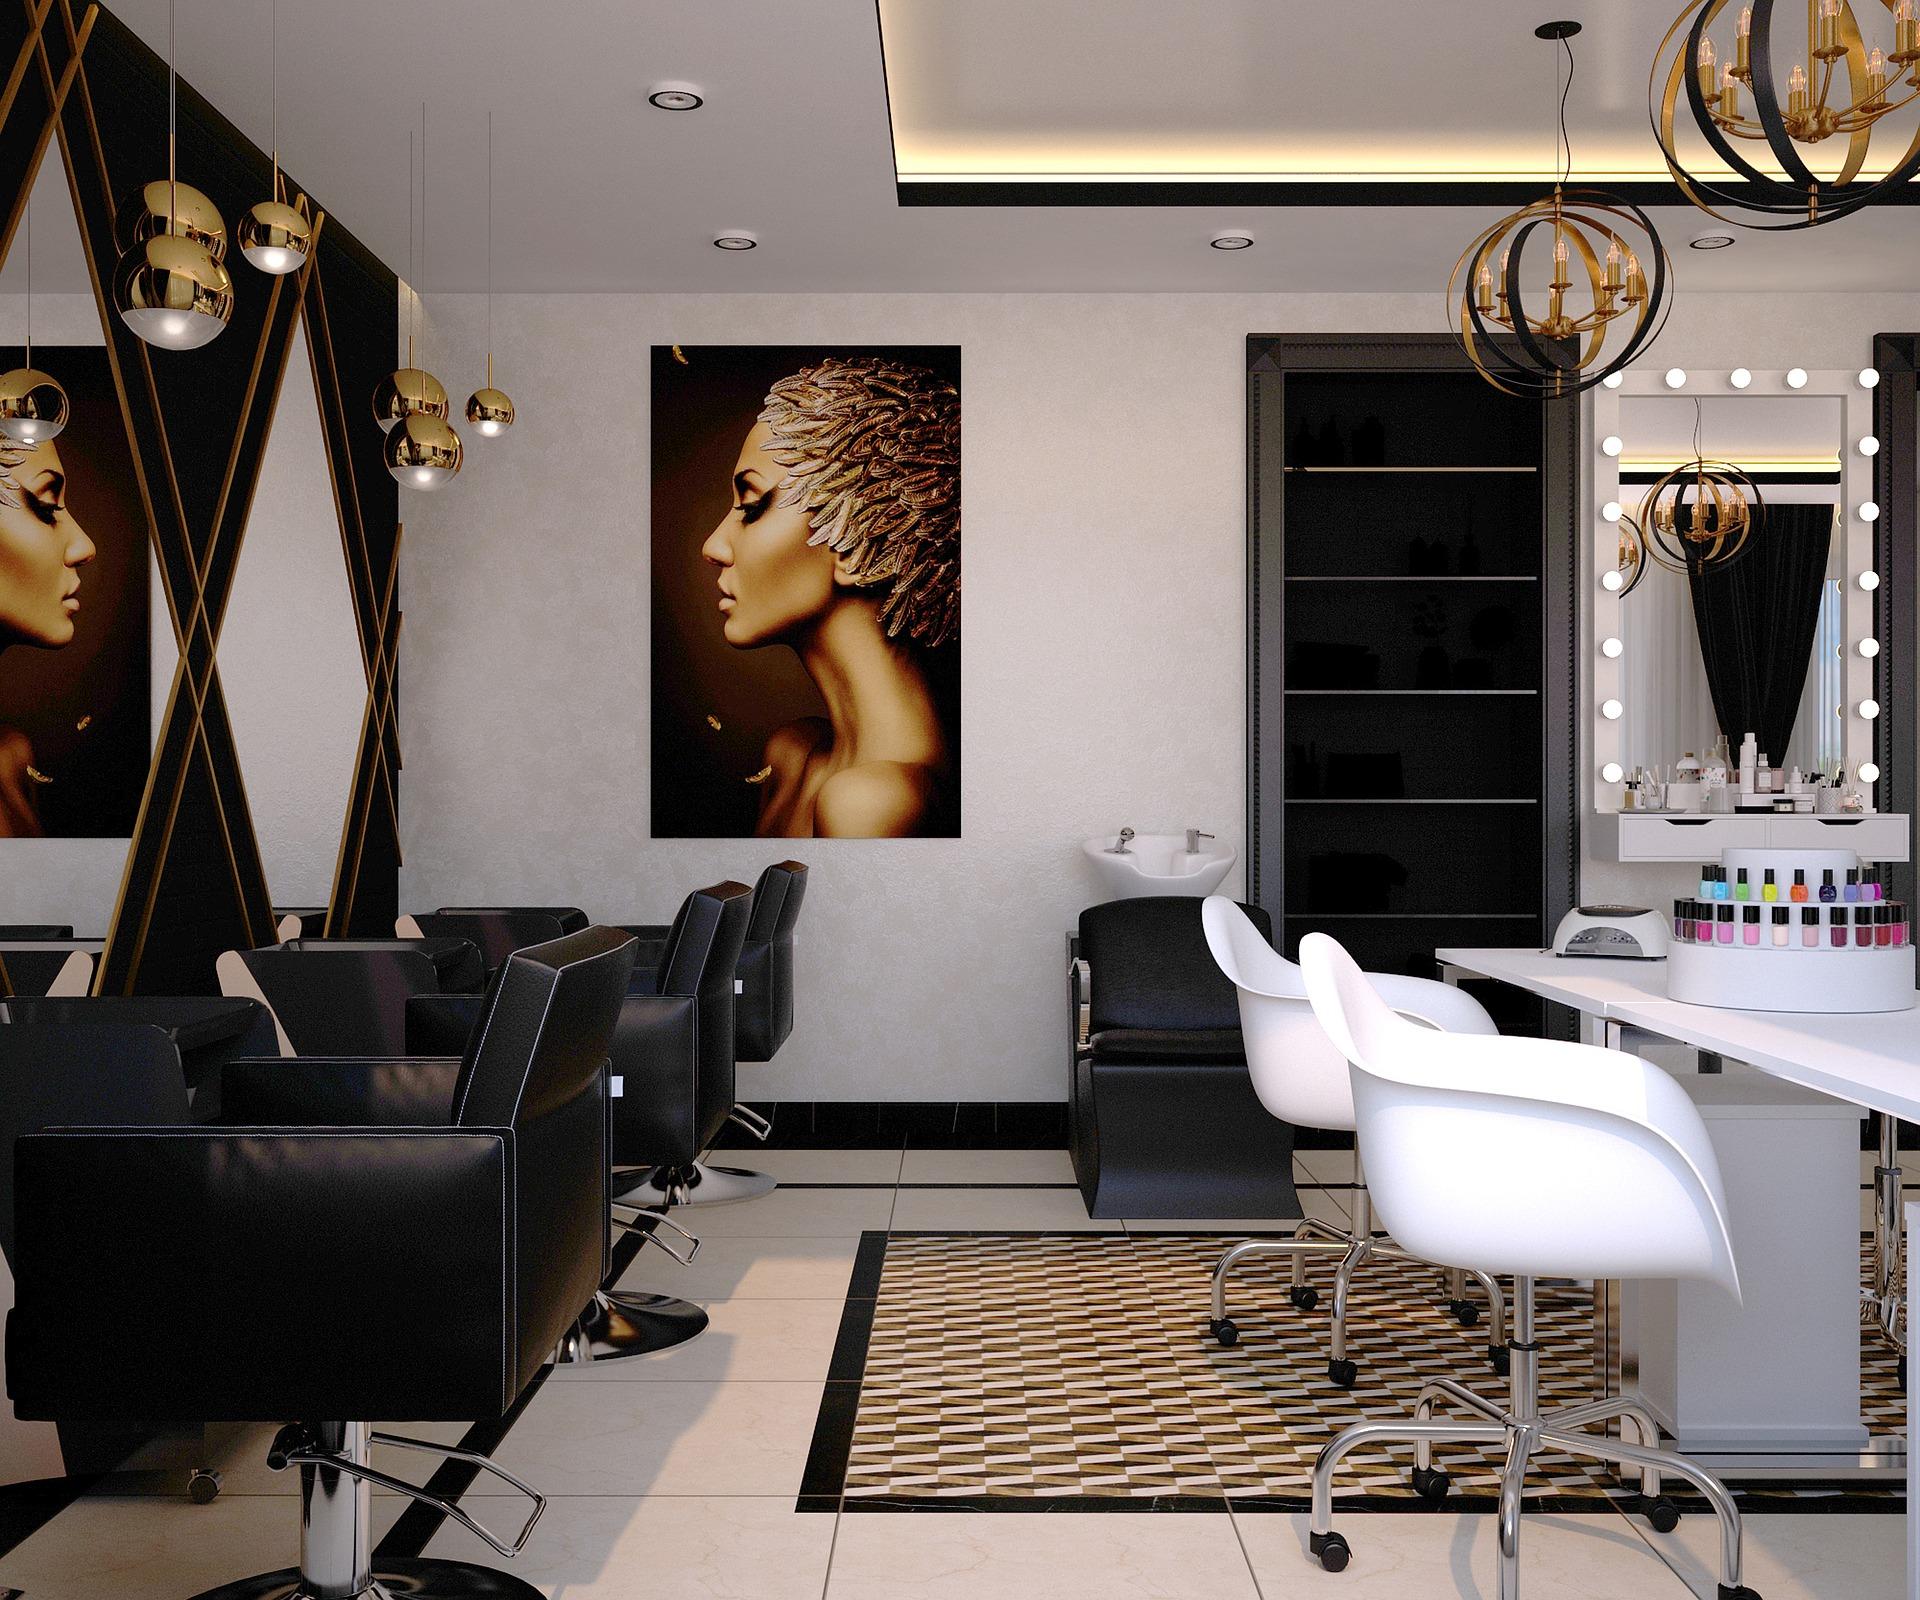 Confira 5 dicas para inovar em salões de beleza e estética